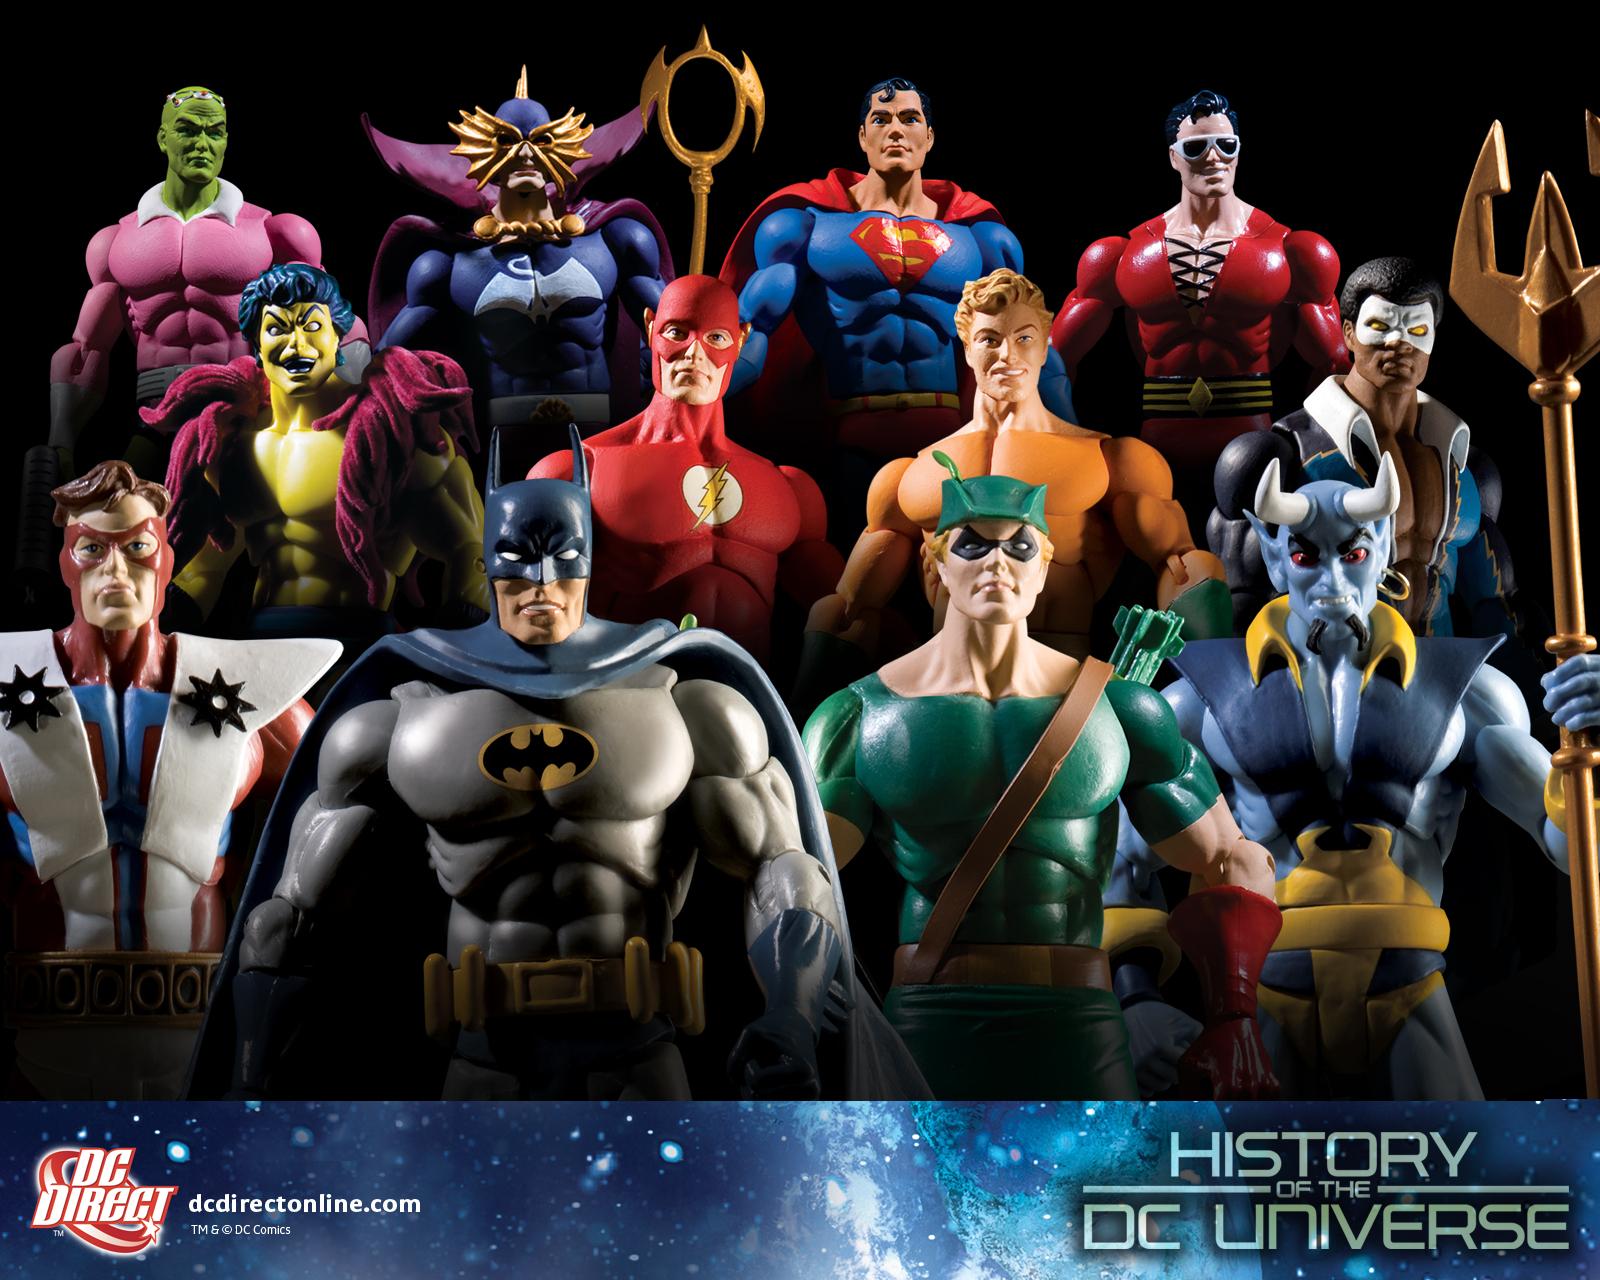 DC Comics Wallpapers DC Comics Wallpaper Poster Desktop Wallpaper 1600x1280